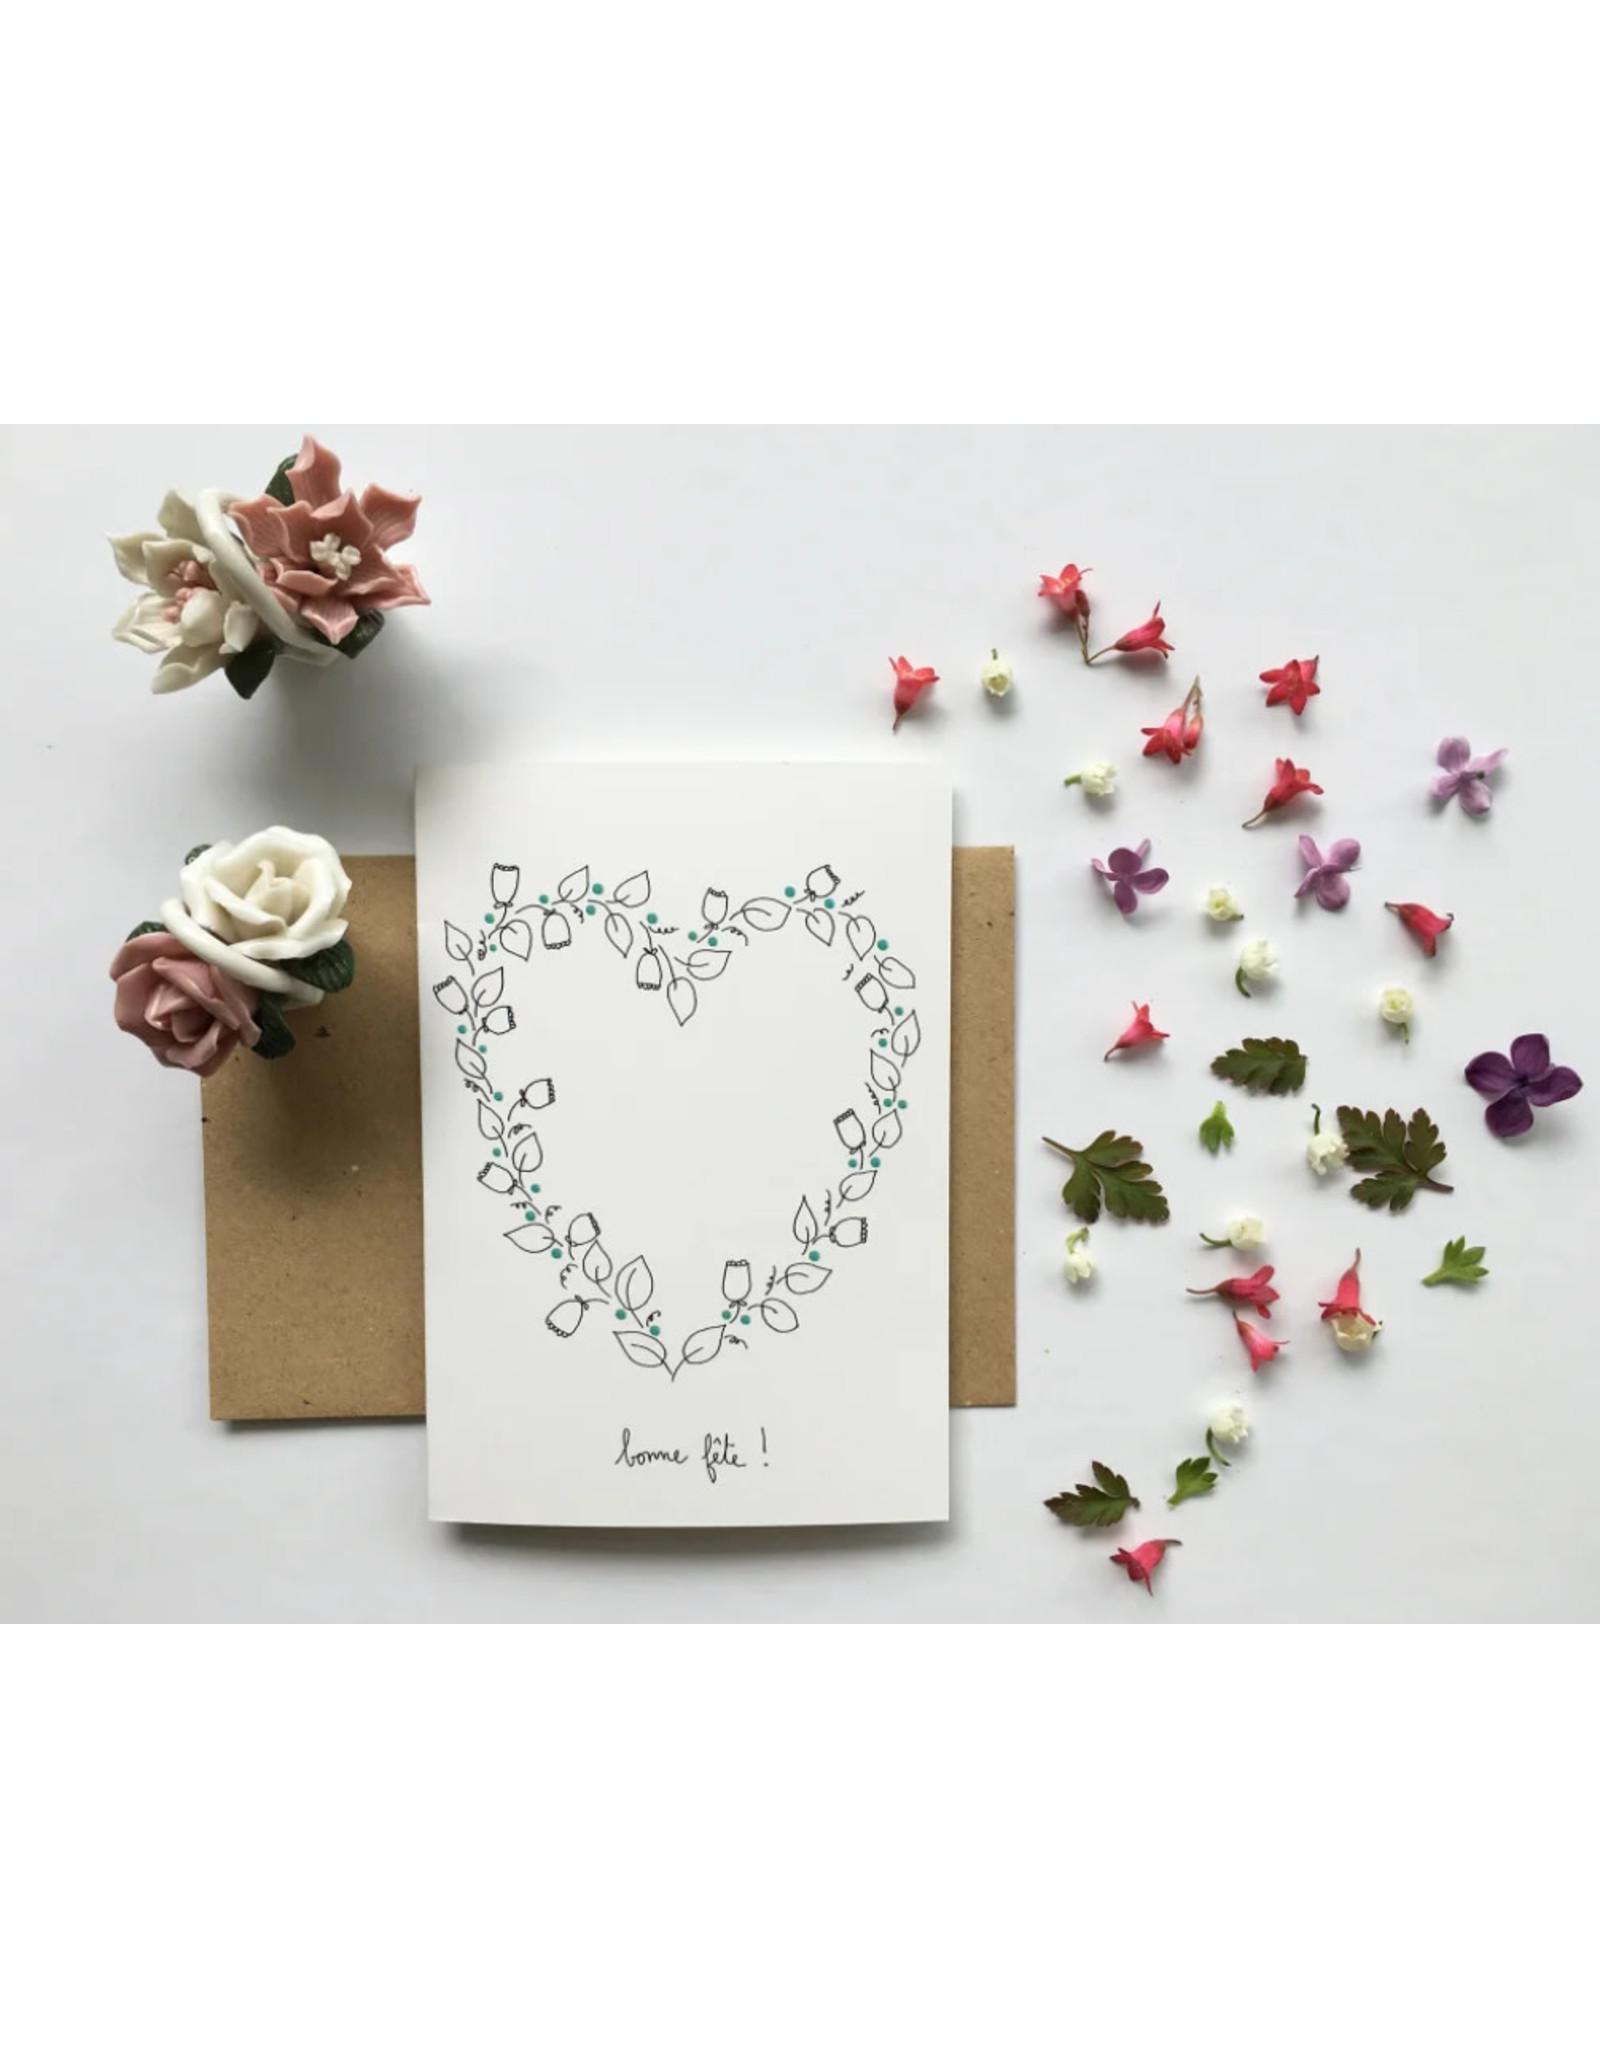 papillonage Wenskaart - Bonne fête - Dubbele kaart met envelop